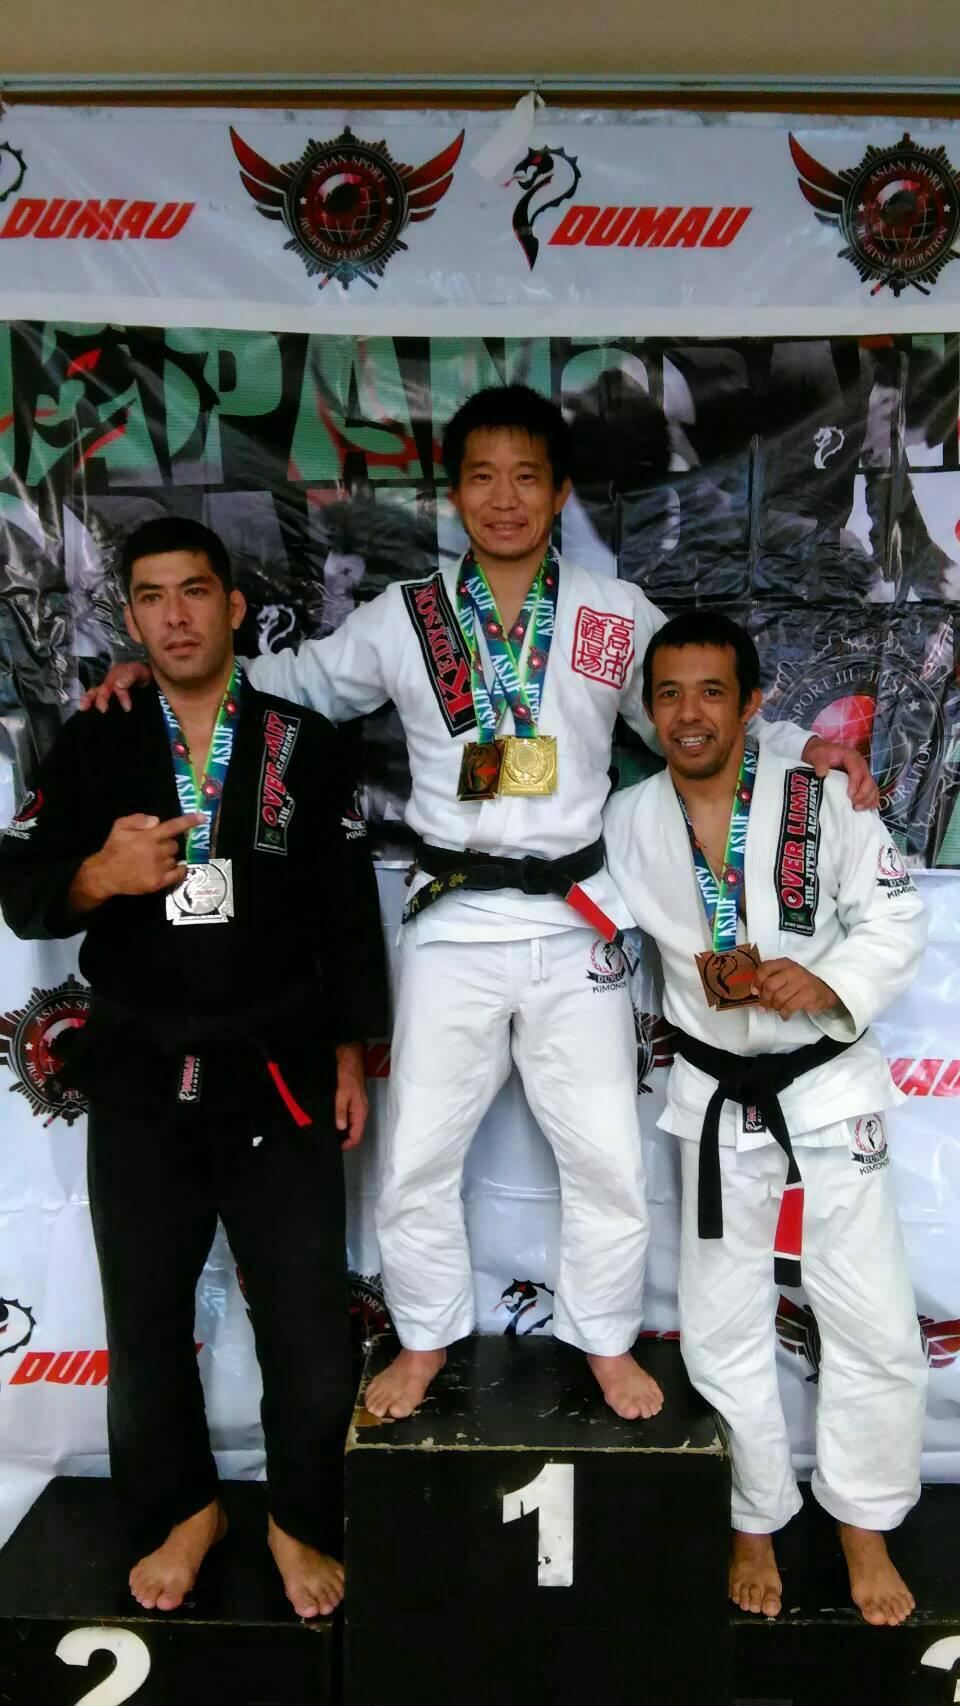 アジアスポーツ柔術連合チャンピオンシップ|大会写真